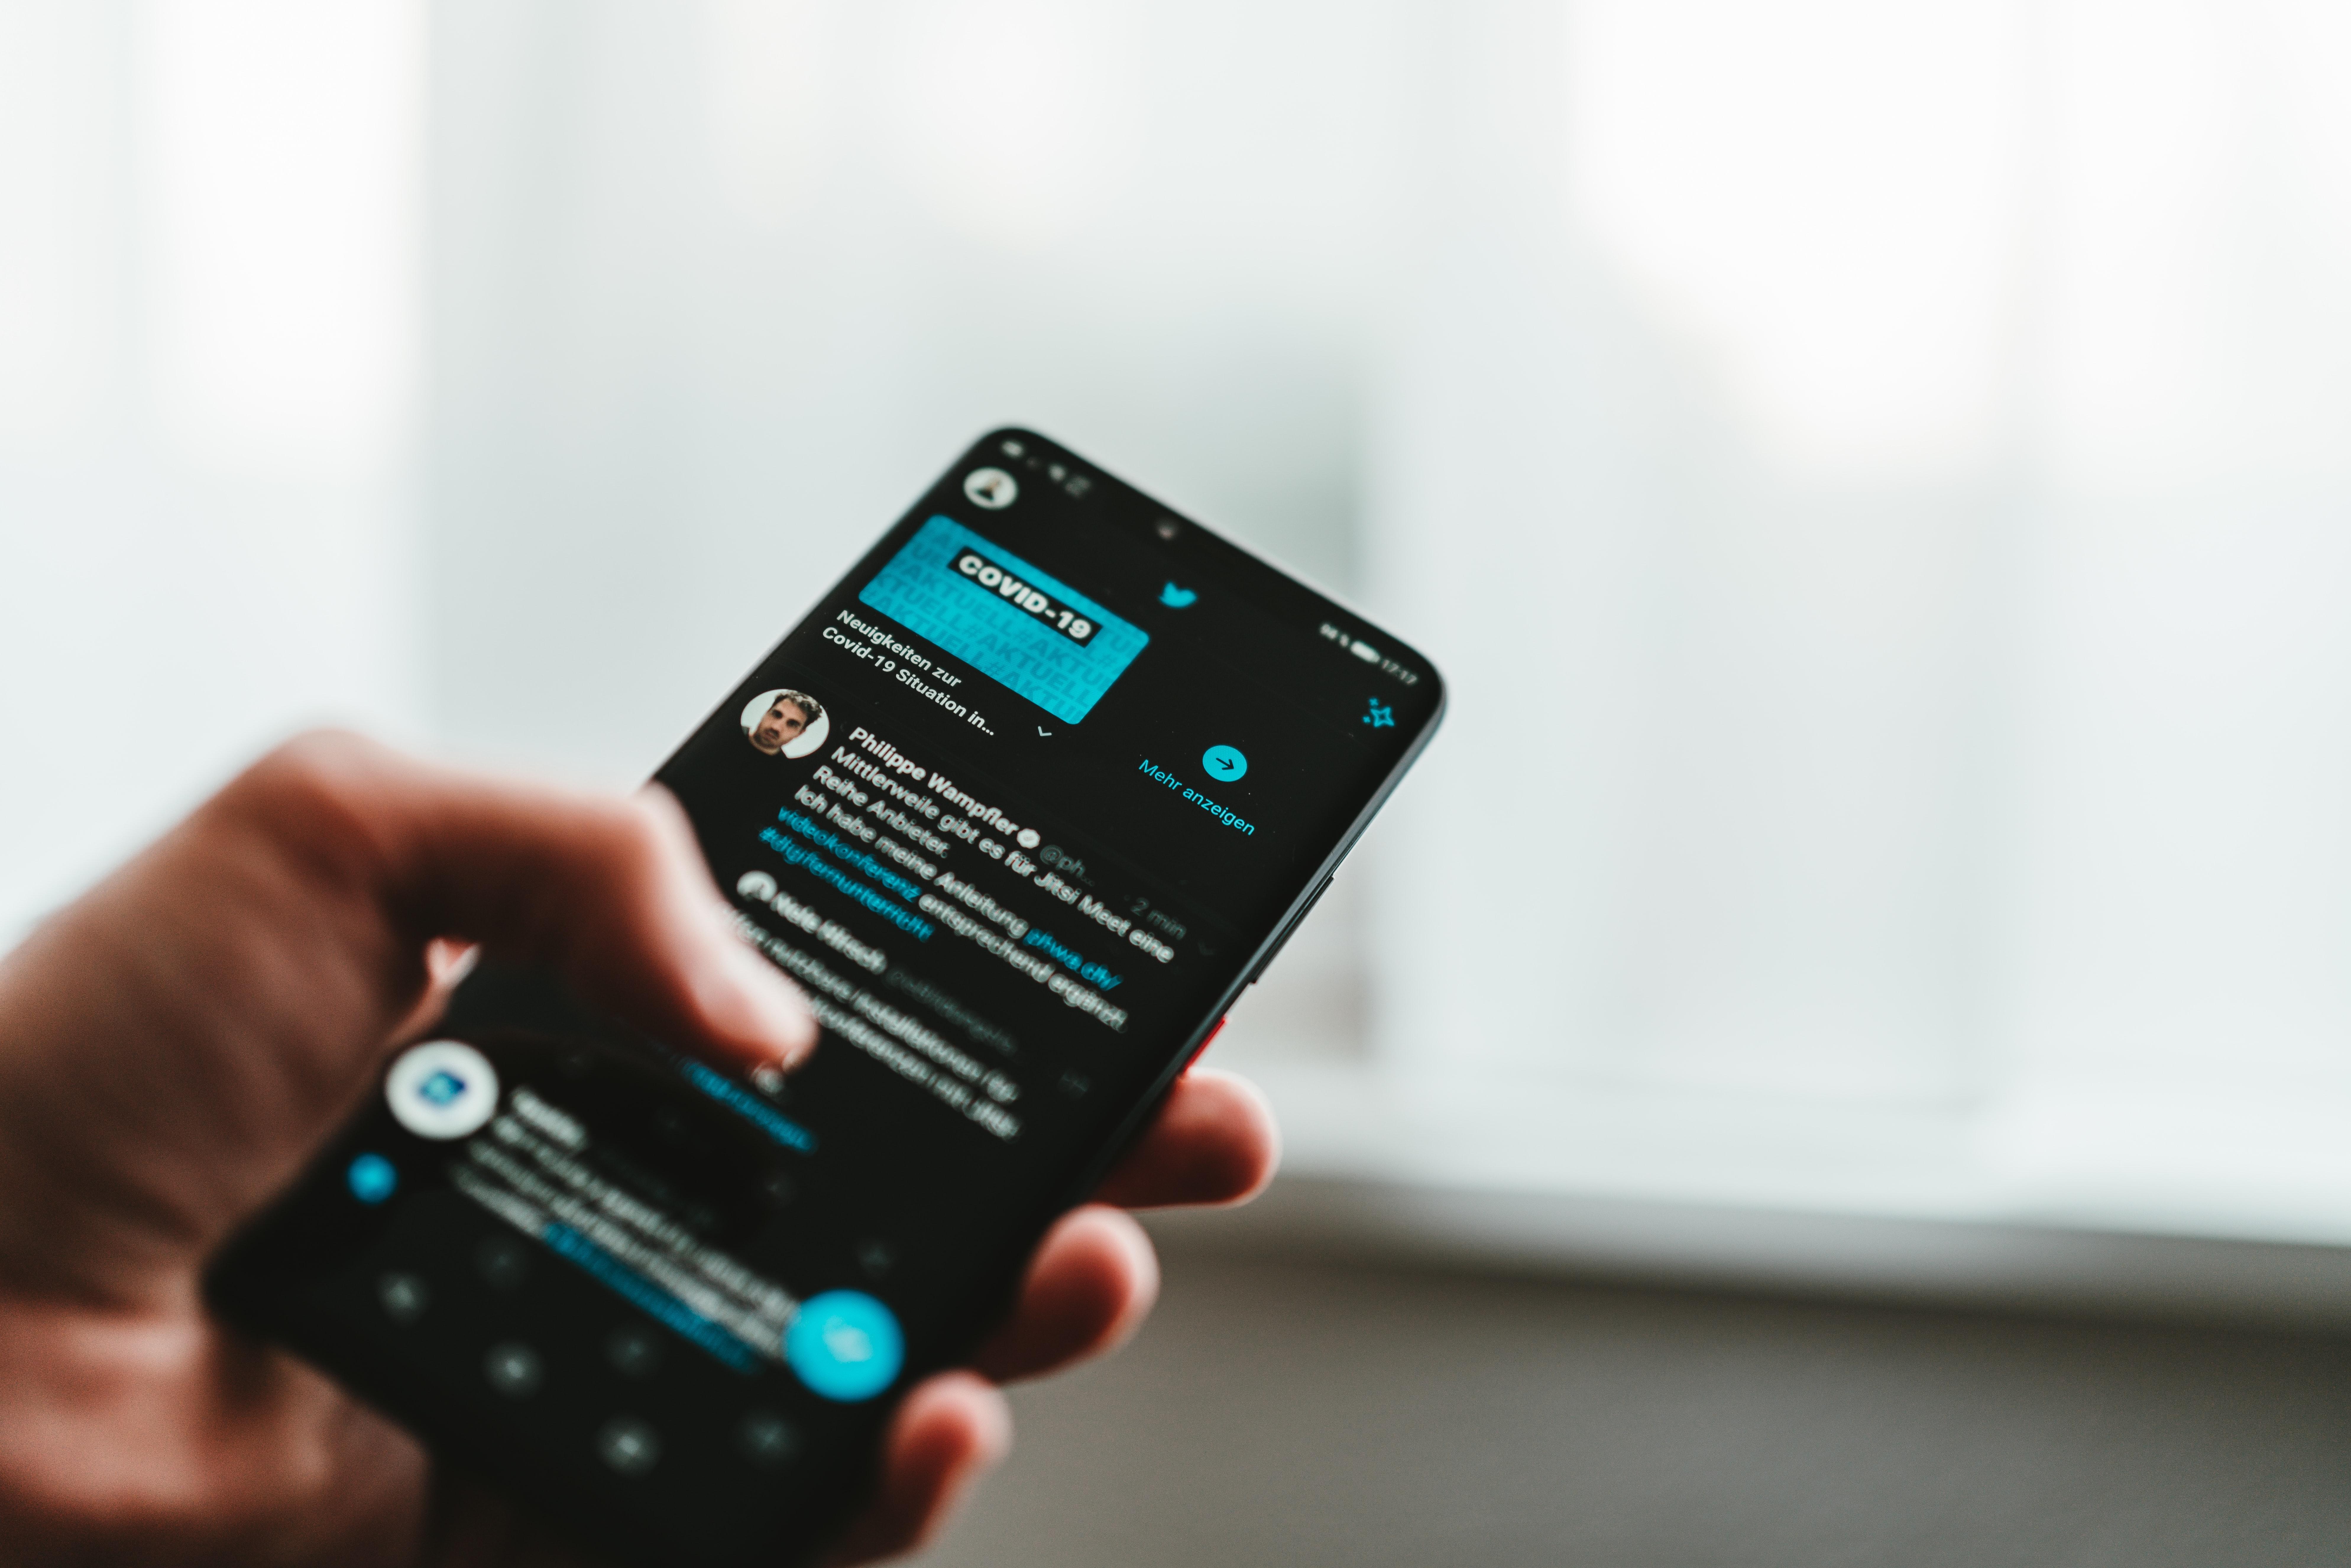 Twitter начала тестировать виртуальные комнаты для общения голосом